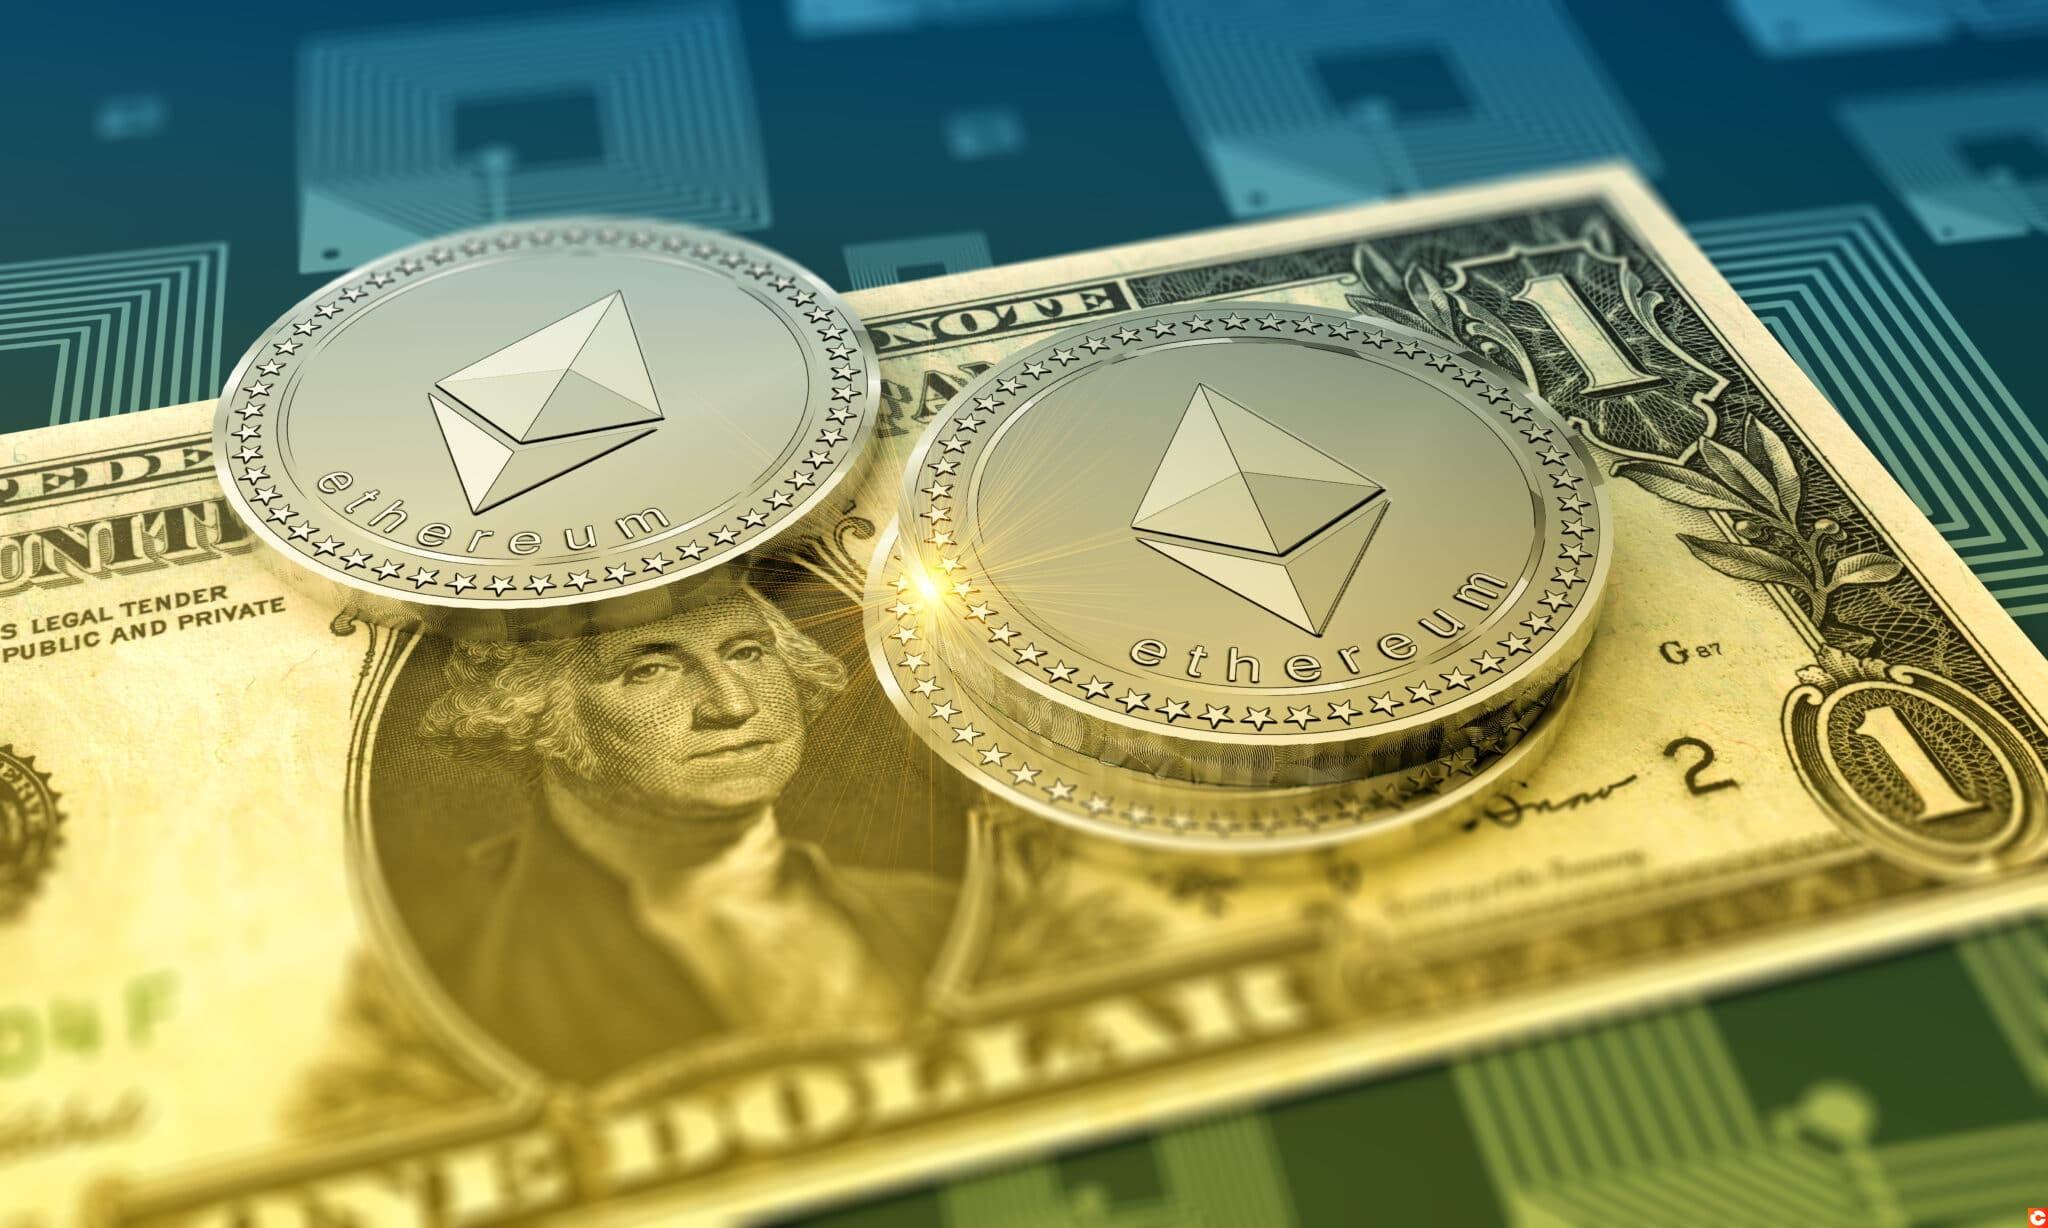 Les banques achètent de la crypto sans donner de nom